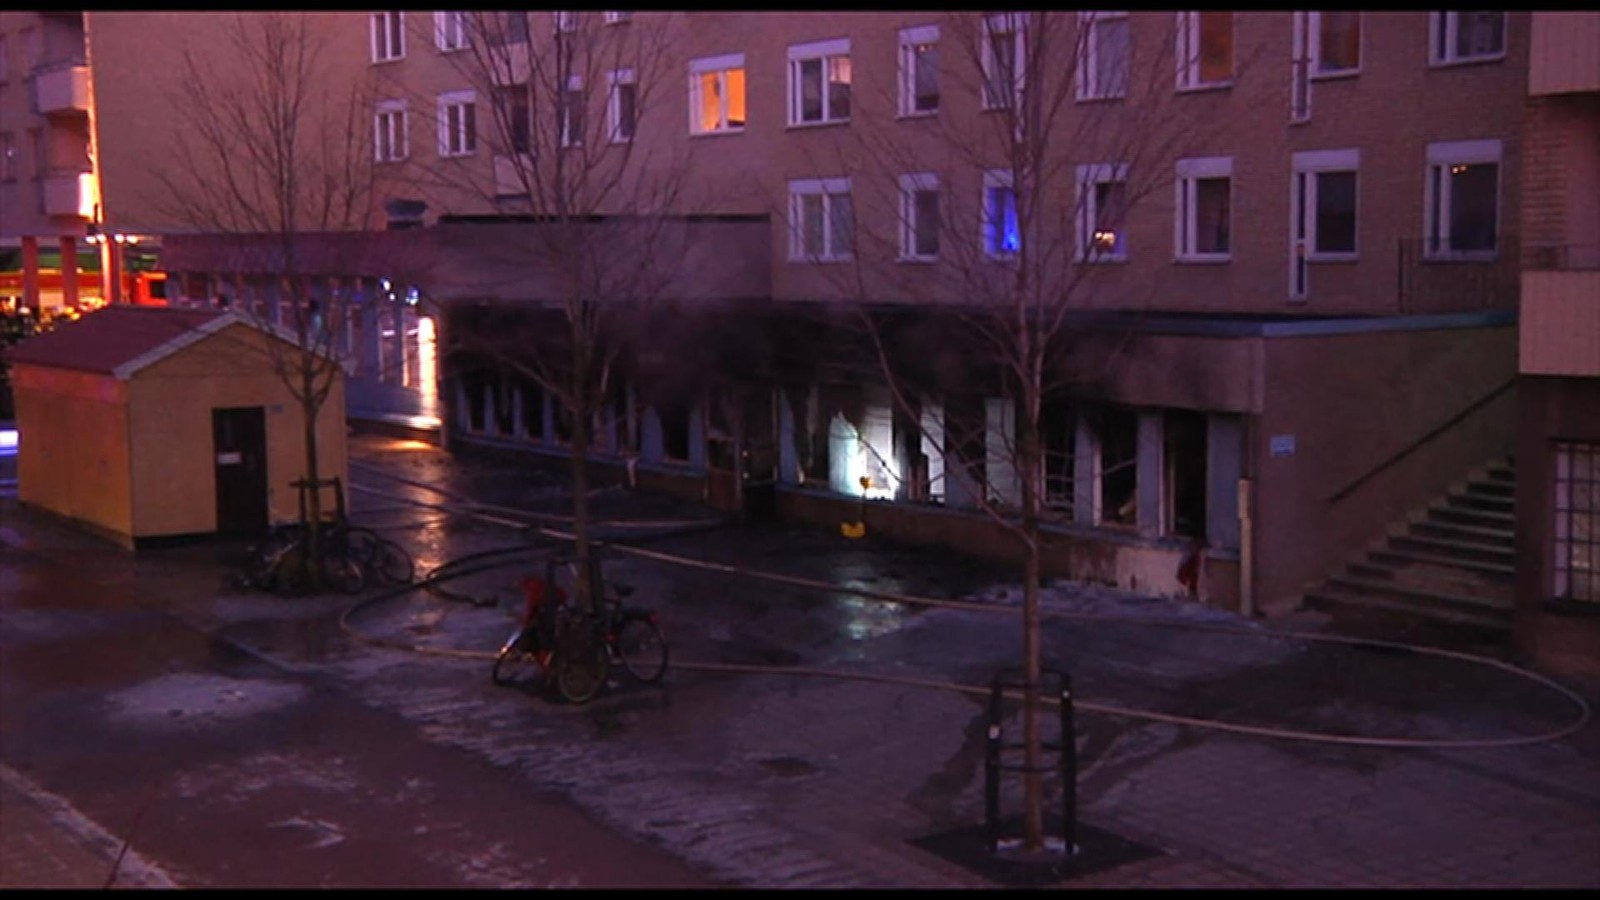 Ifølge vitneopplysninger skal noen ha kastet en gjenstand gjennom et vindu i bygningen før det begynte å brenne.